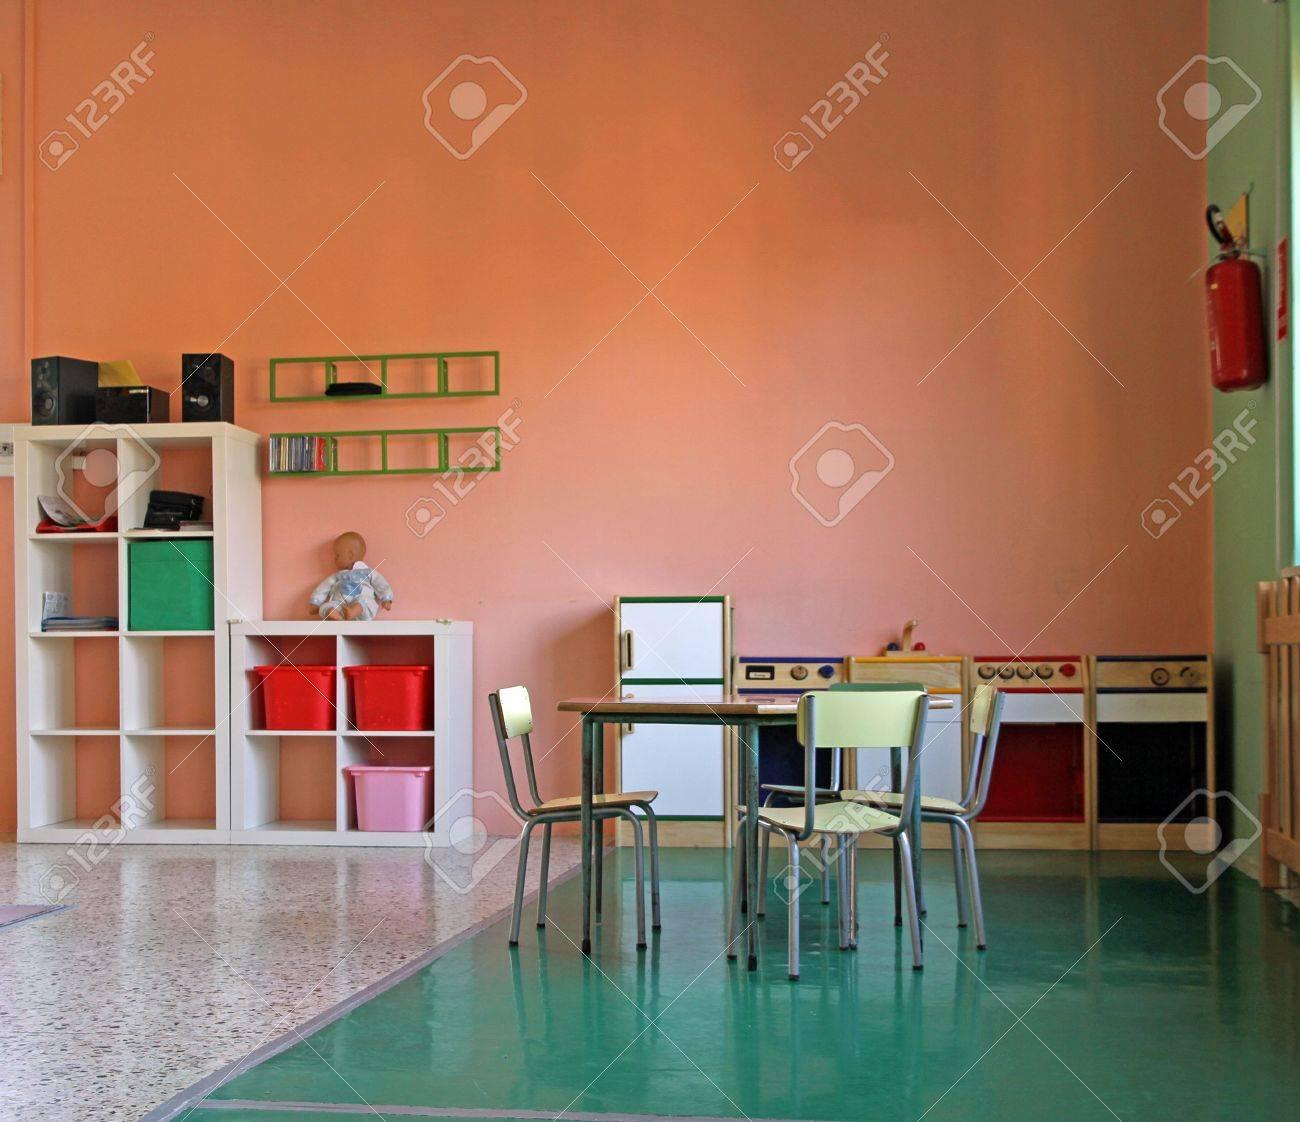 Spiel-Ecke Mit Einer Kleinen Küche Spielzeug Für Kinder Im ...